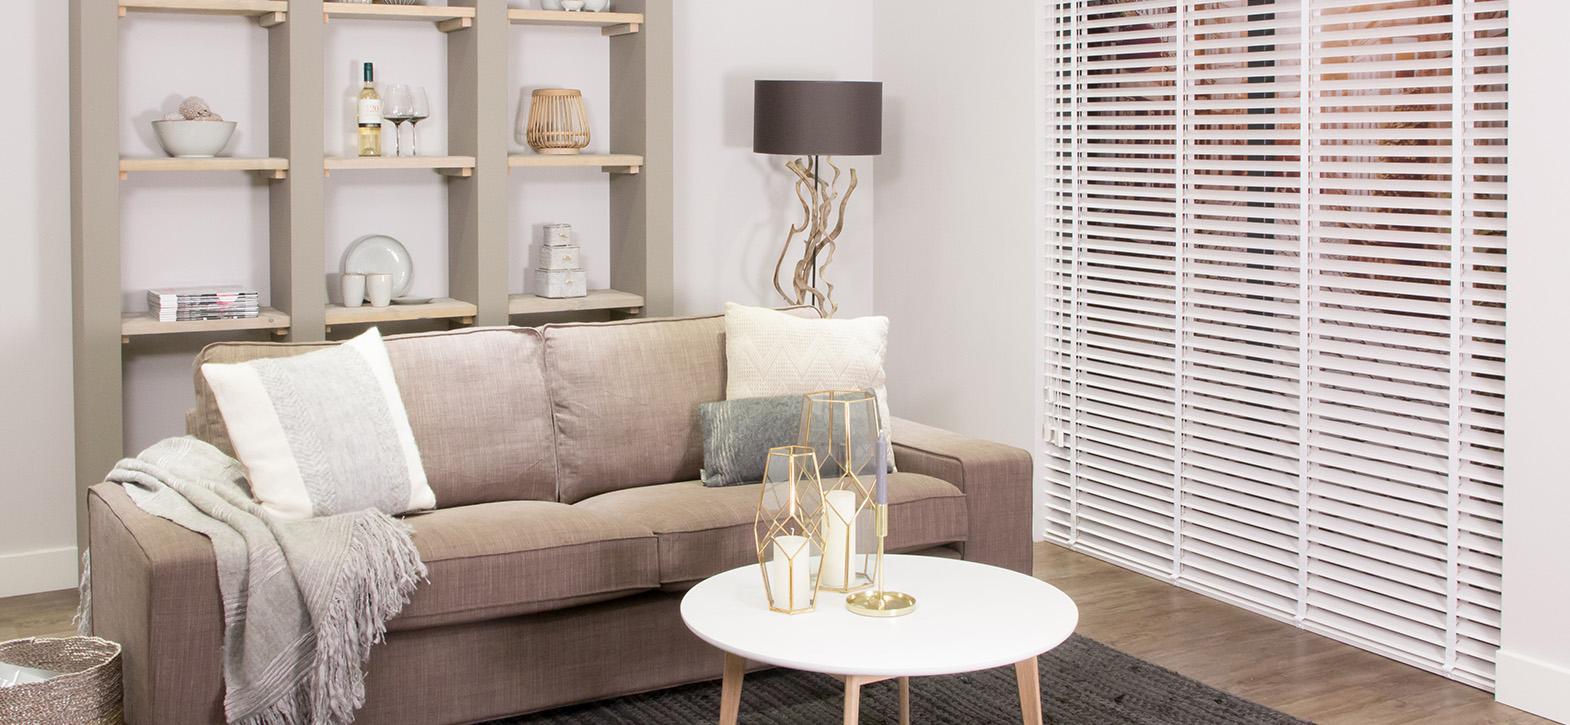 Eenvoudig 70mm houten jaloezie online bestellen inhuis for Interieur online shop